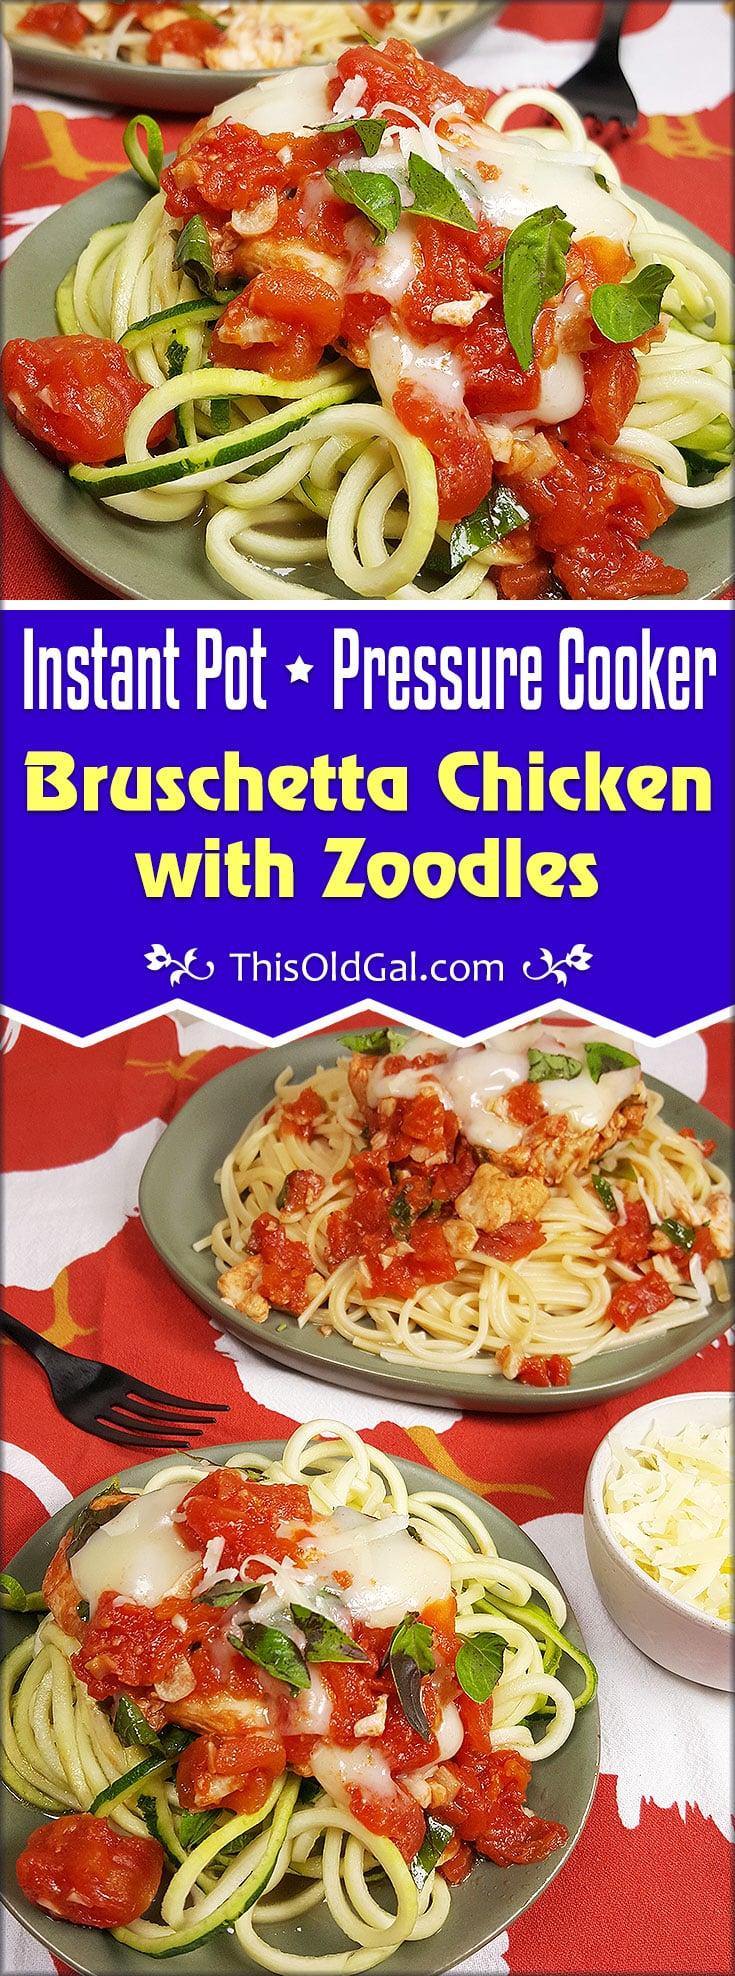 Pressure Cooker Bruschetta Chicken with Zoodles